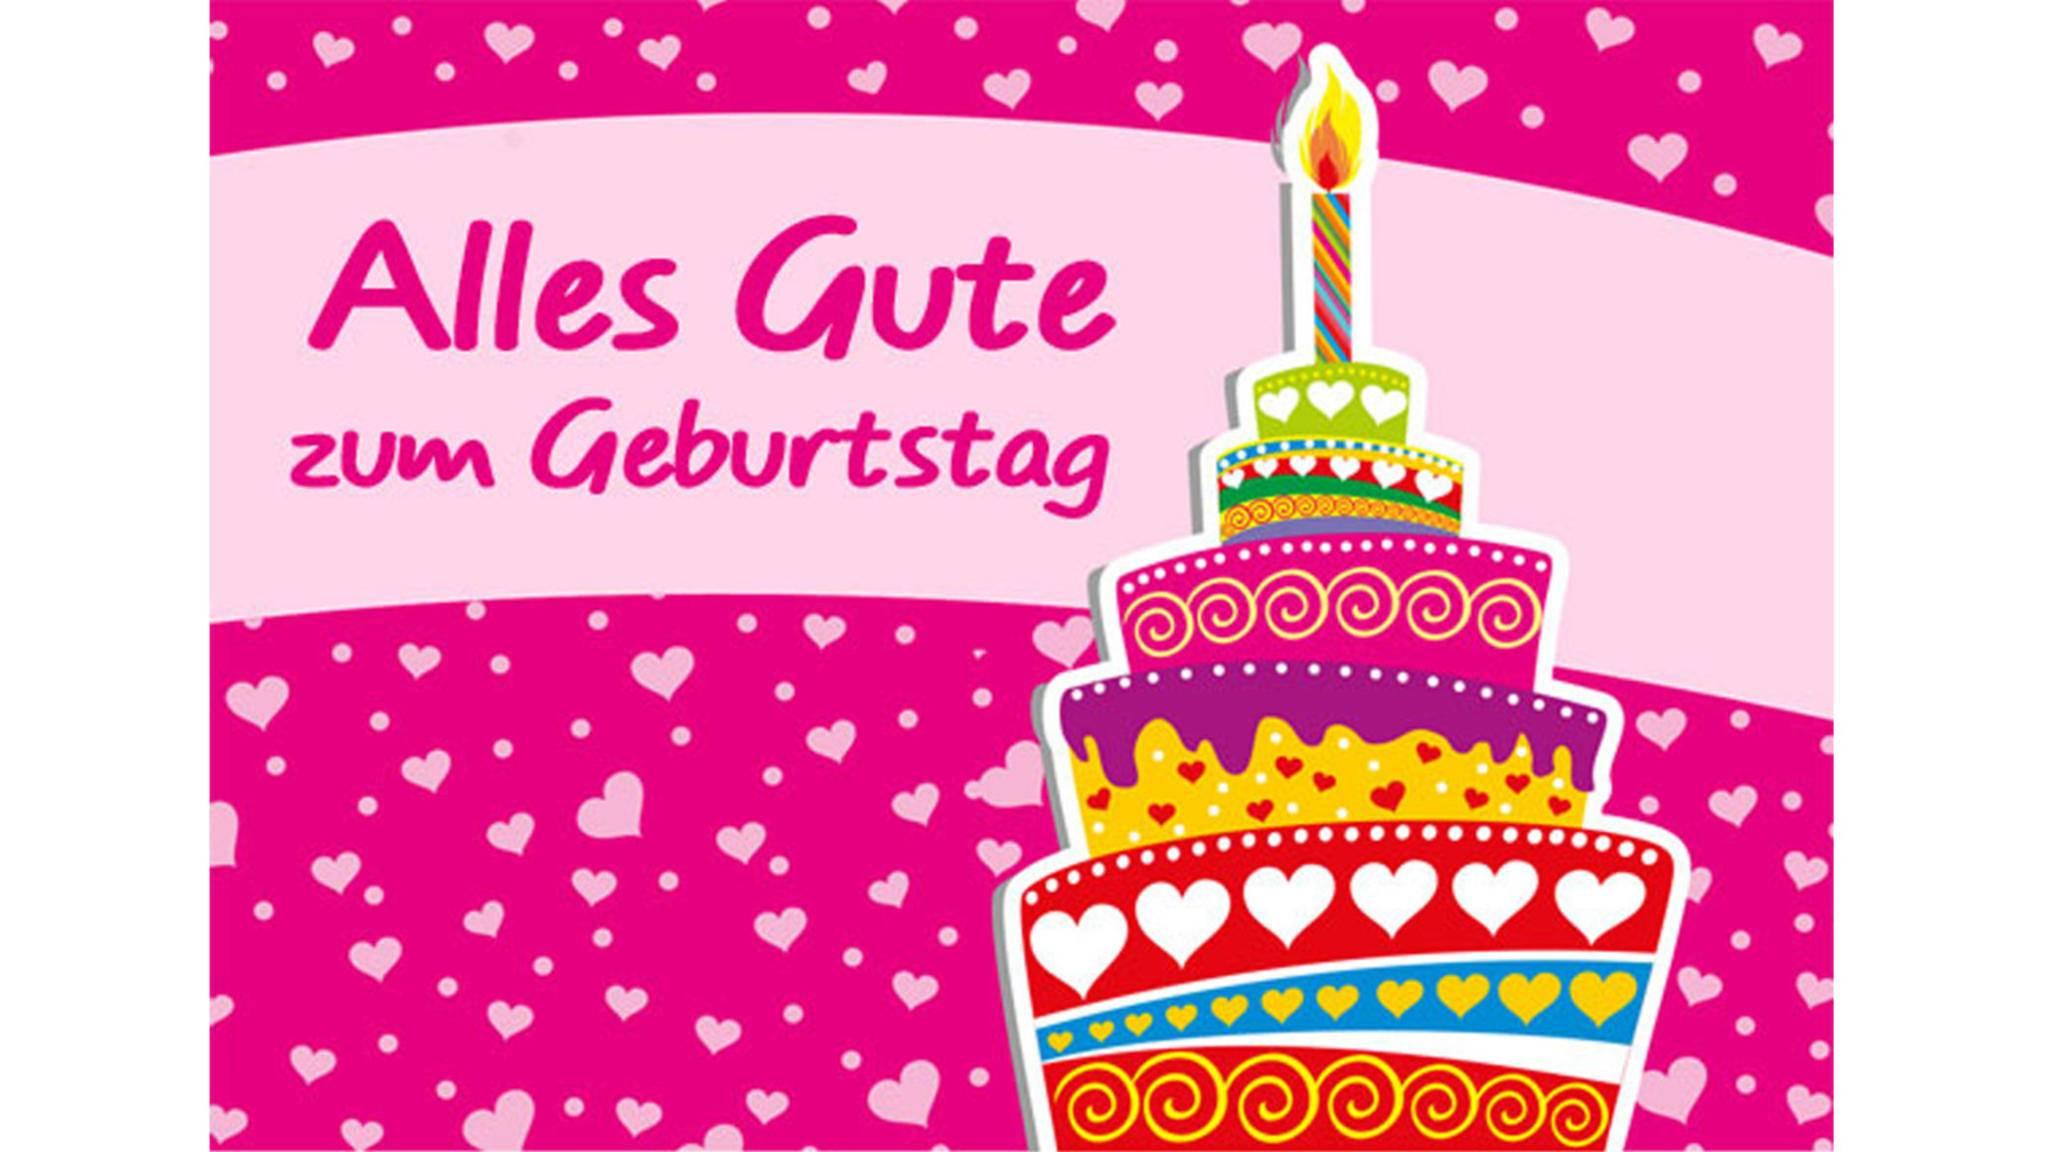 Geburtstagswunsche Gluckwunsche Zum Geburtstag Lustige